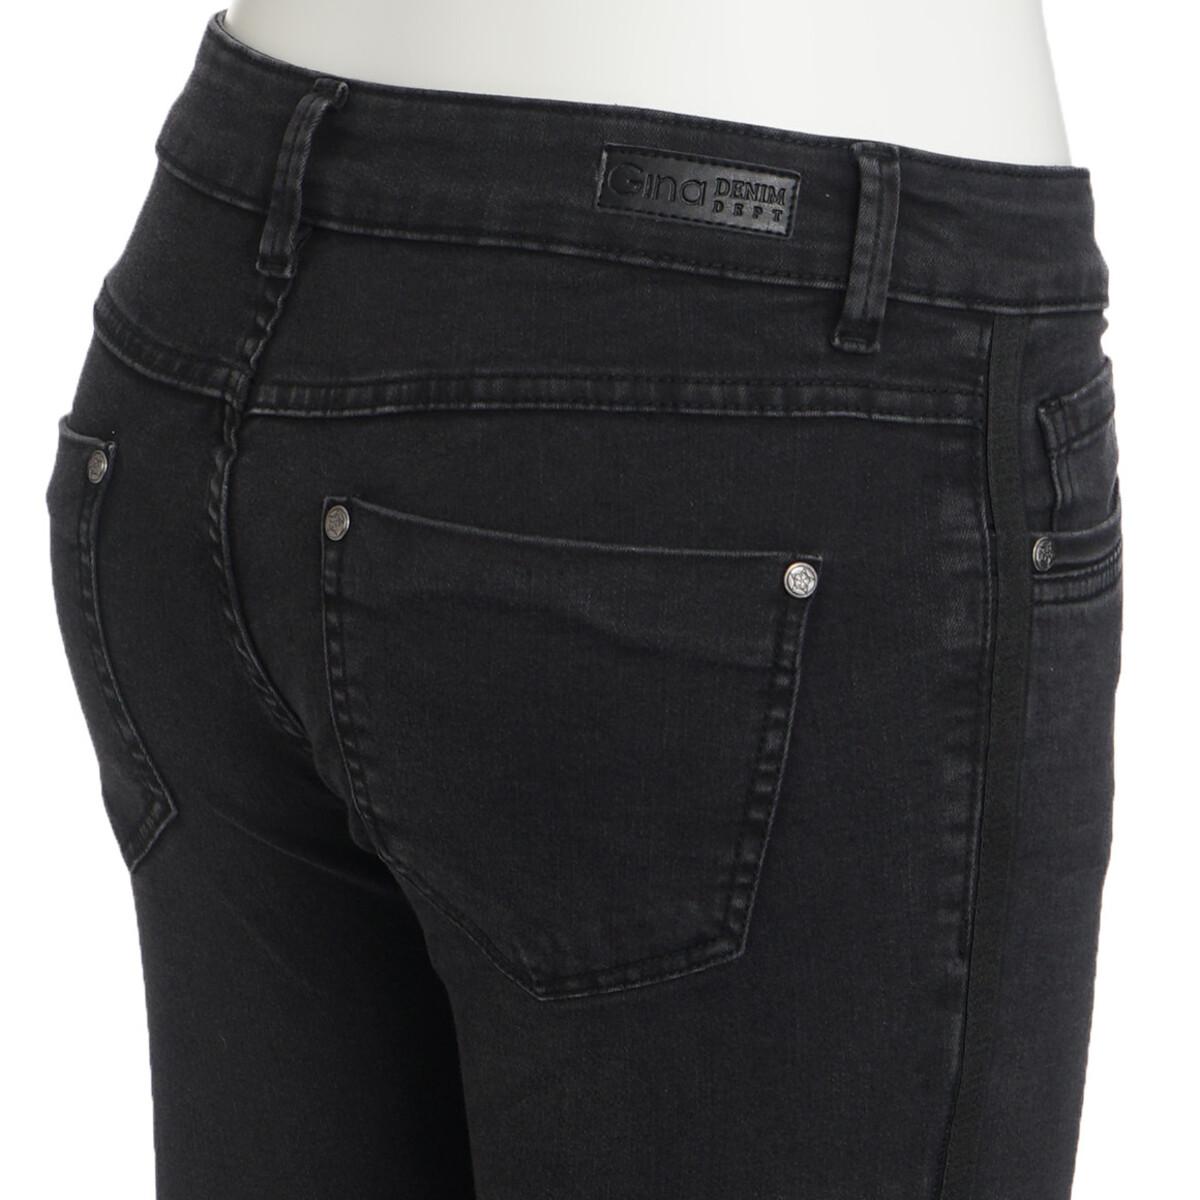 Bild 2 von Damen Superflexible-Jeans im 5-Pocket-Style